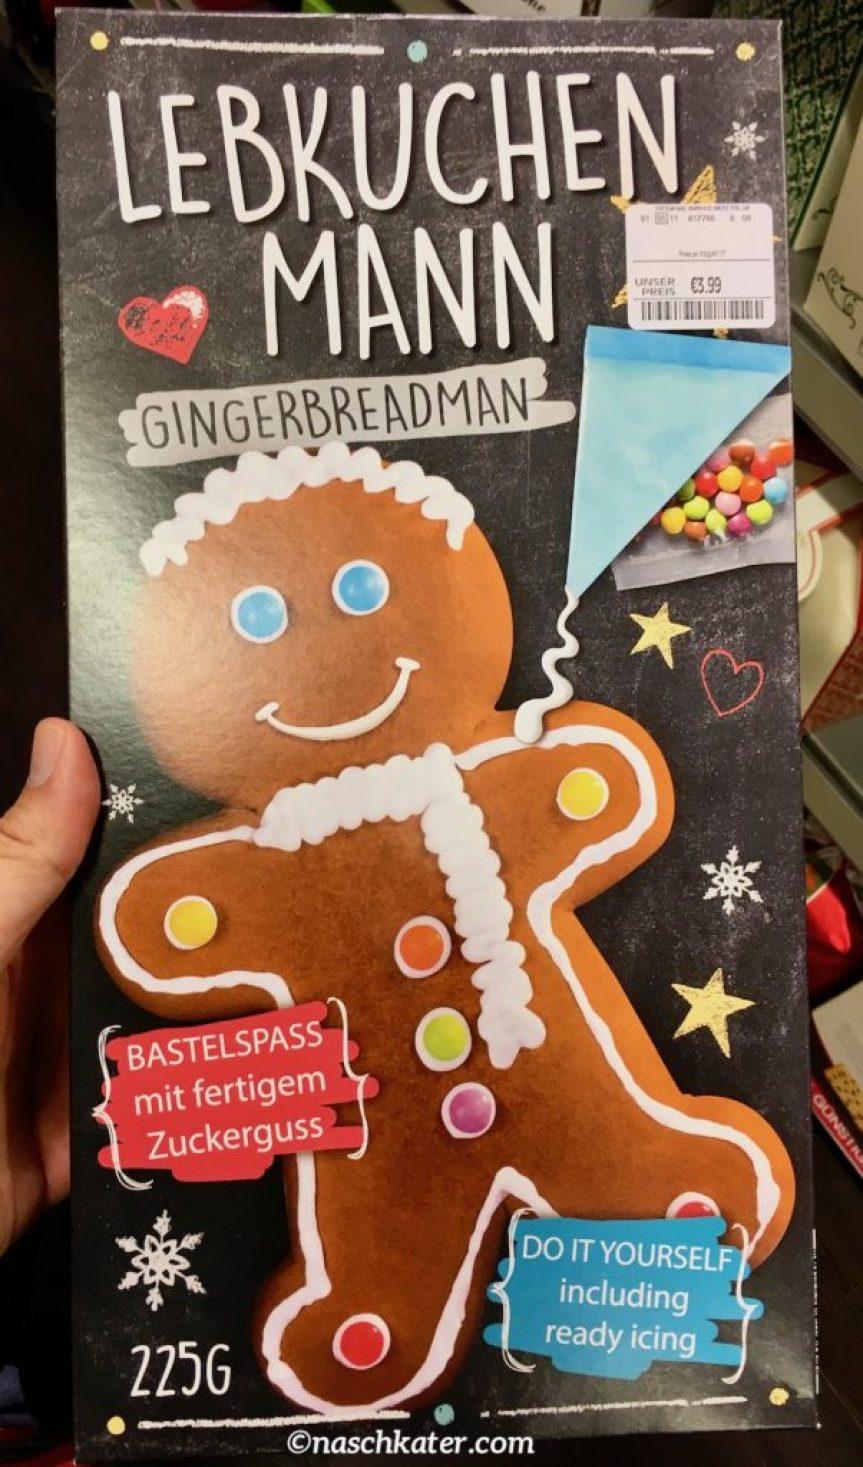 Lebkuchen, Gingerbread oder Weckmann? Das sind die Unterschiede!